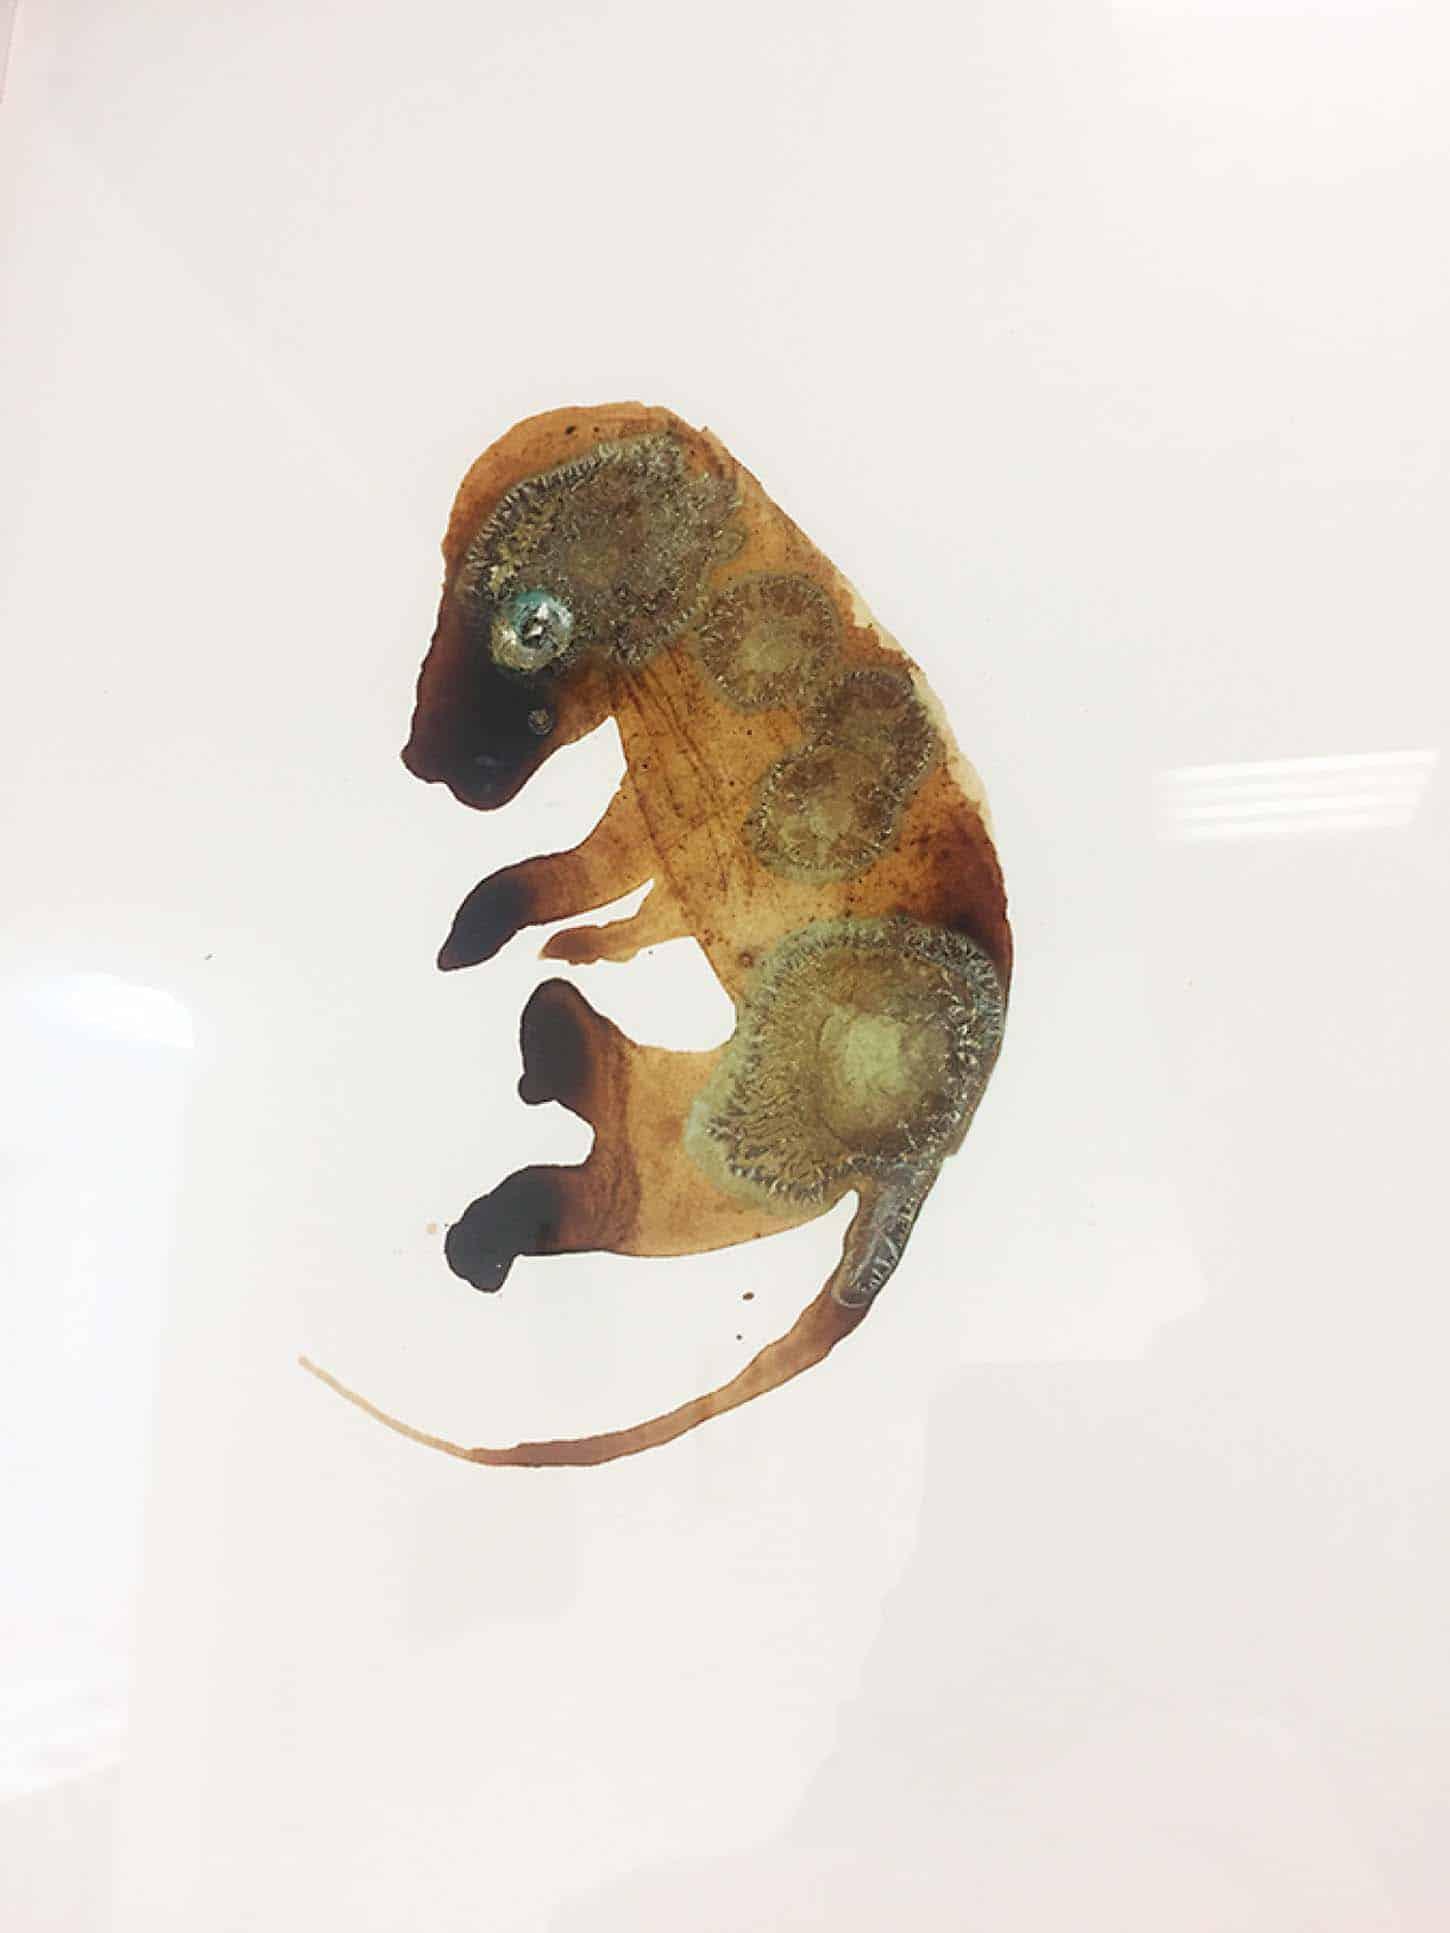 Espace A VENDRE, exposition collective, So Select!Lionel Sabatté Fœtus d'éléphant rouillé, 2016Solution à base de fer et bronze oxydés et acrylique sur papier Arches, 26 x 36 cm.